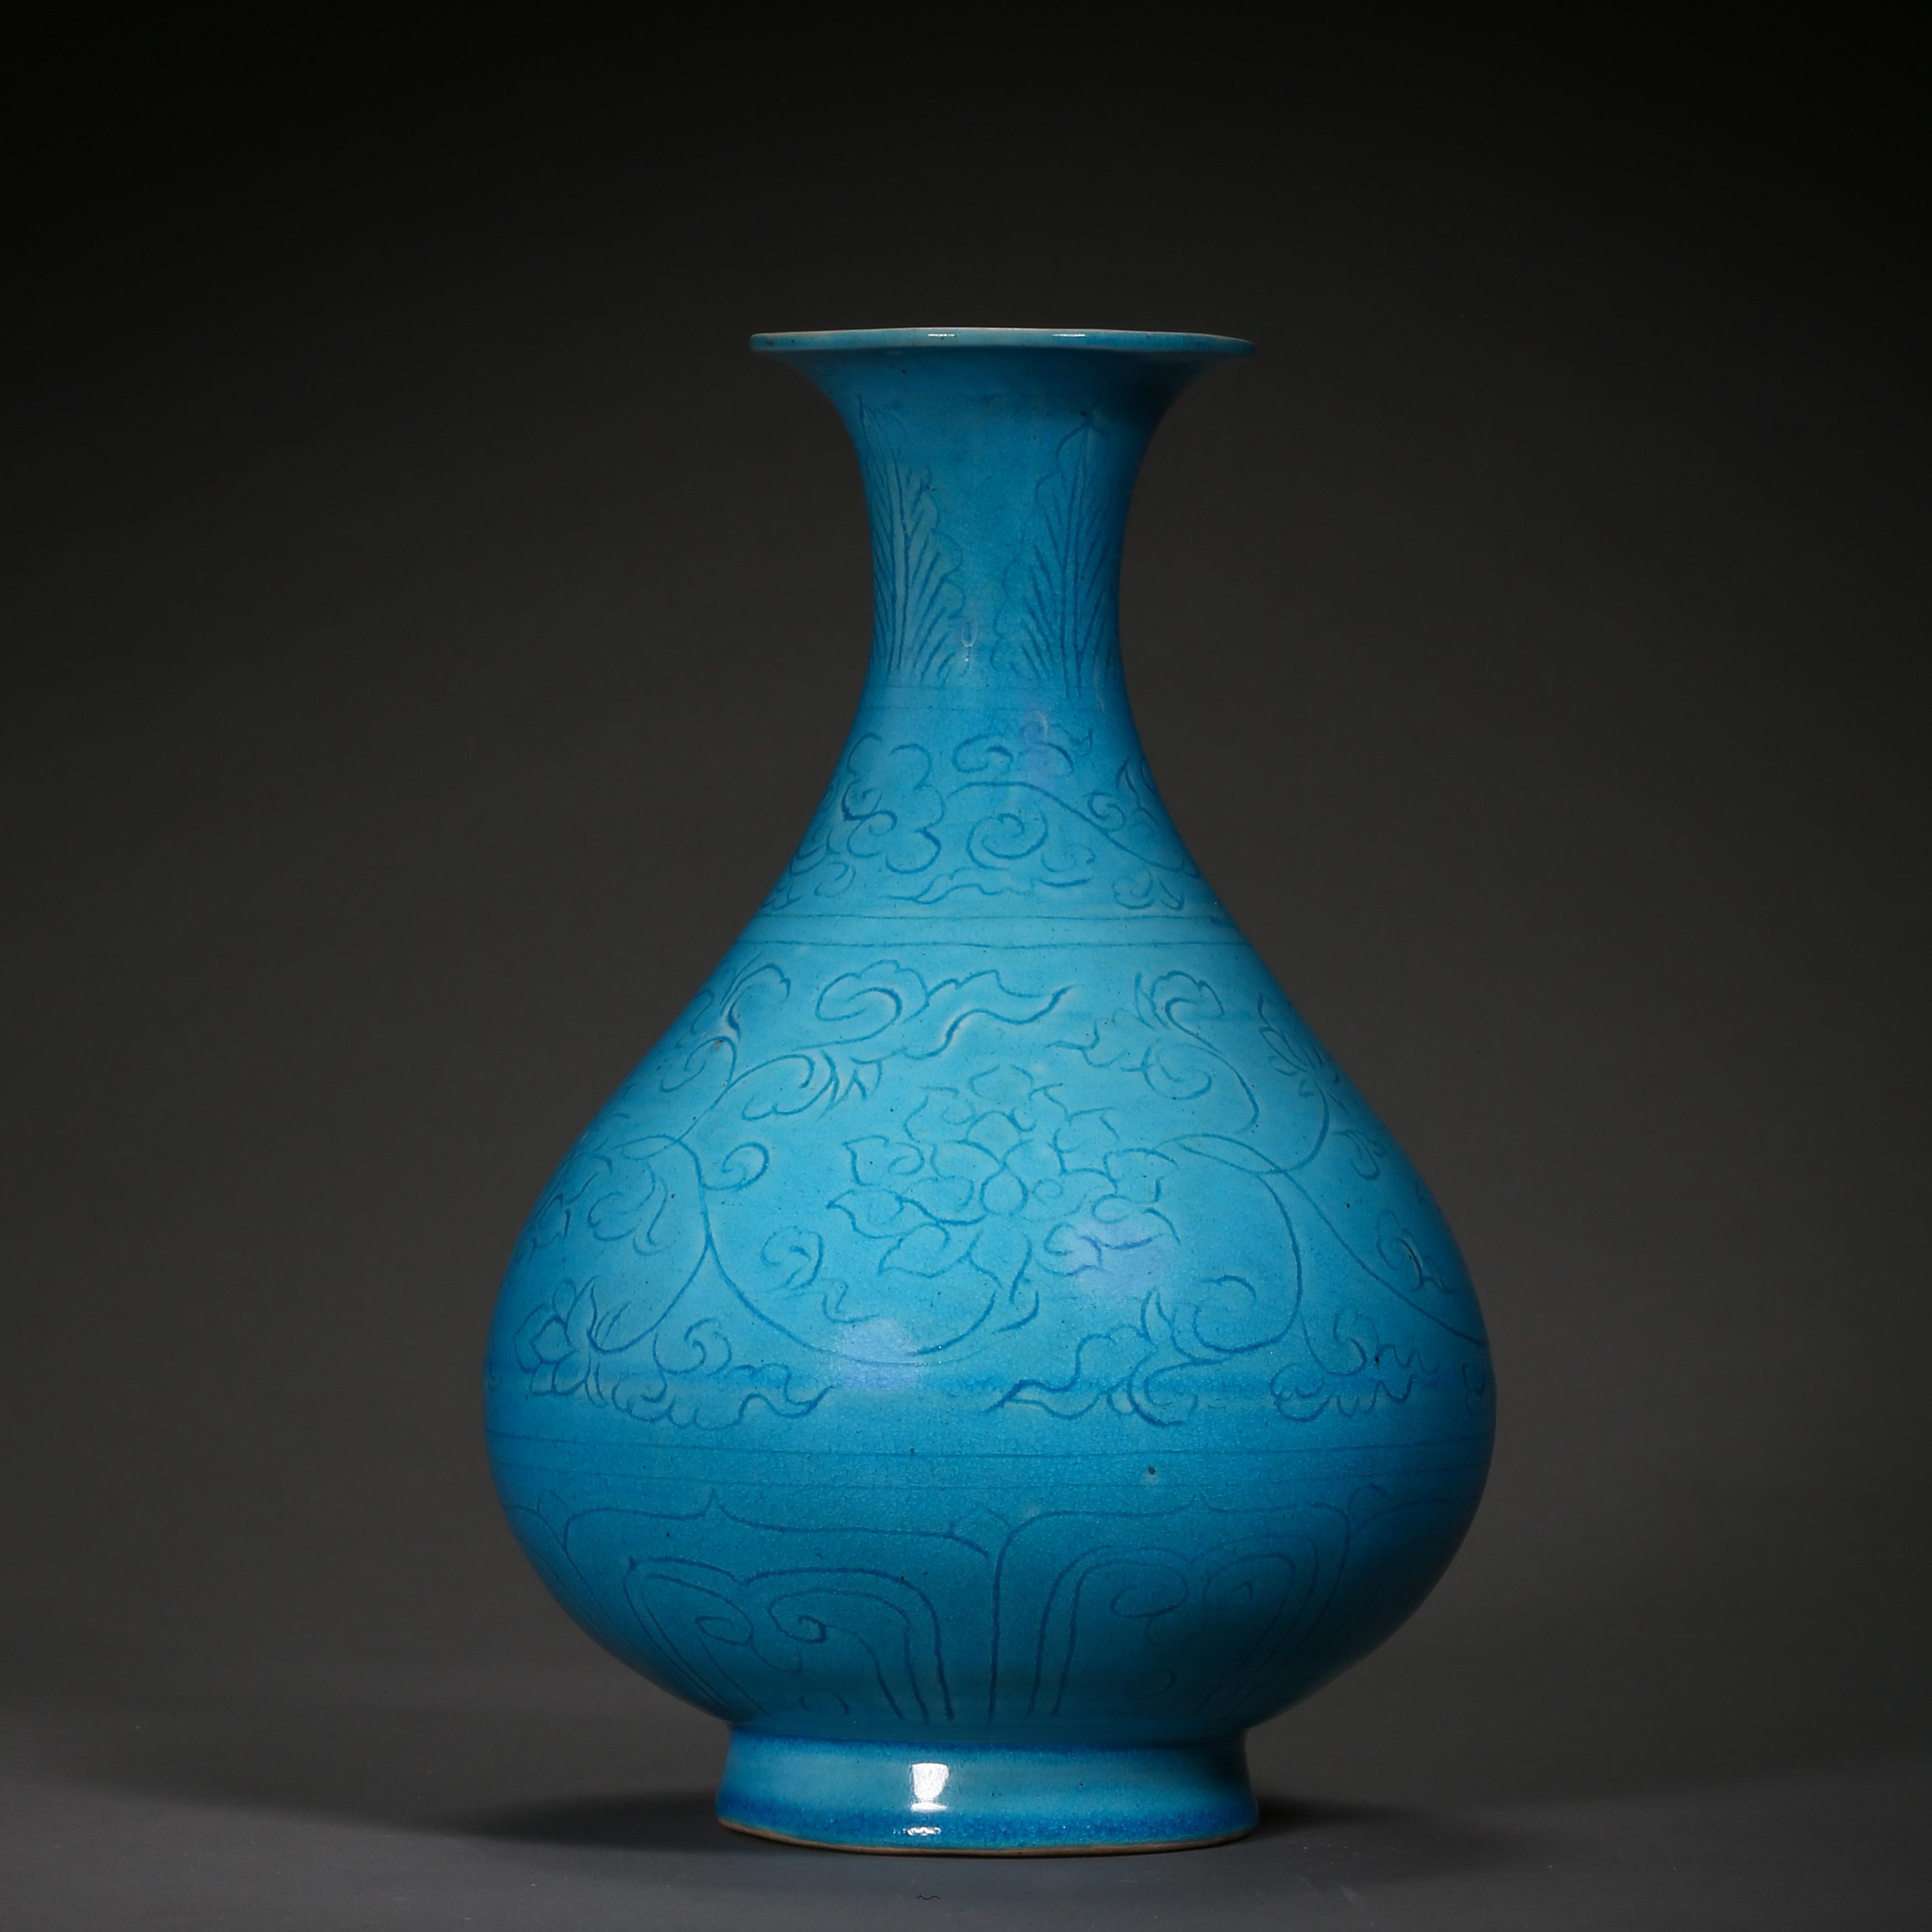 BLUE GLAZED POT, QING DYNASTY, CHINA - Image 3 of 8